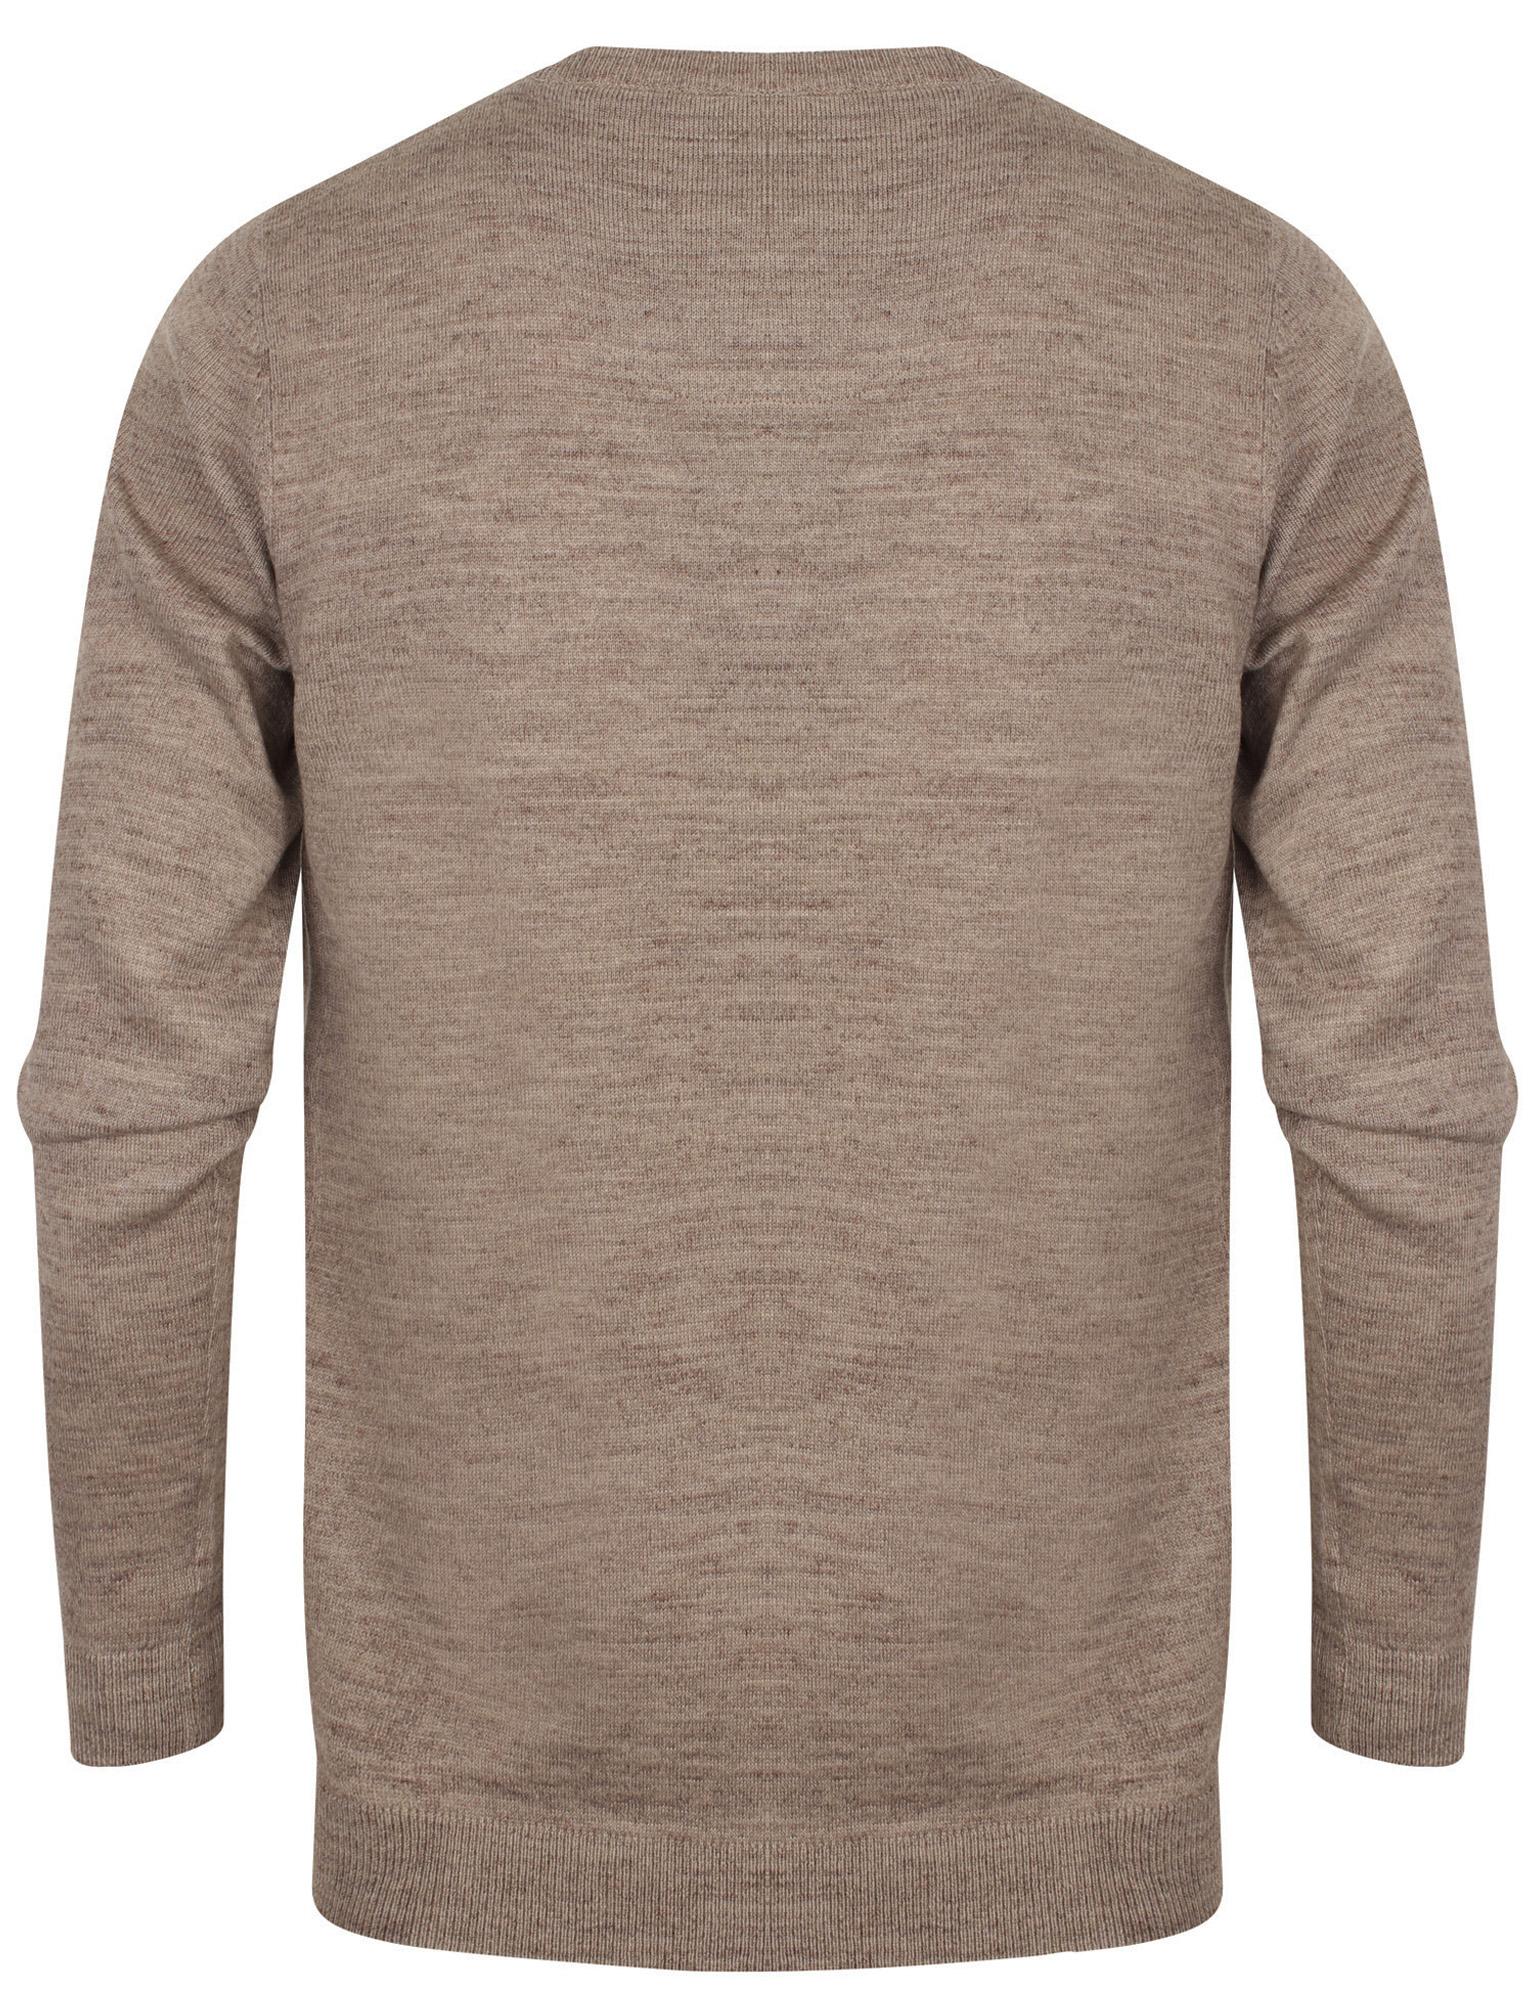 Kensington-Eastside-Men-039-s-Knitted-Crew-or-V-Neck-Jumper-Sweater-Top-Pullover thumbnail 15